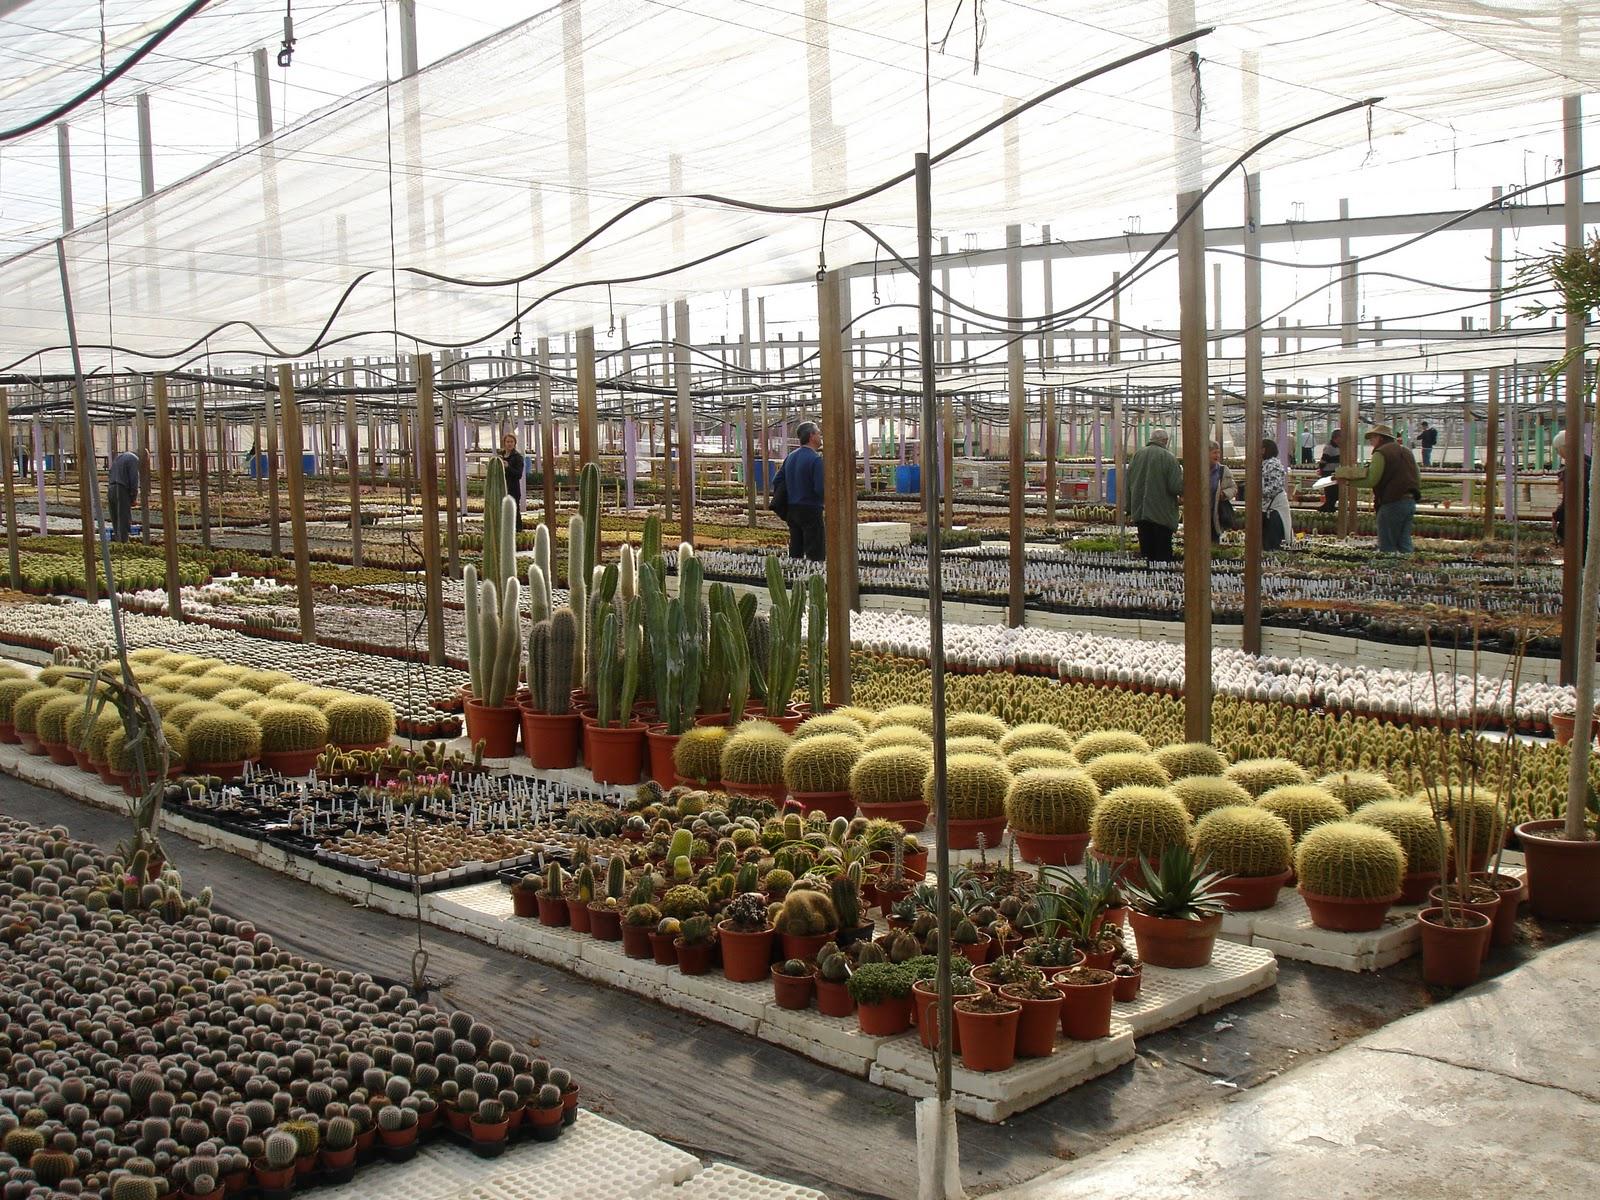 La casa de los cactus visita al vivero de paco serrano for Vivero de cactus